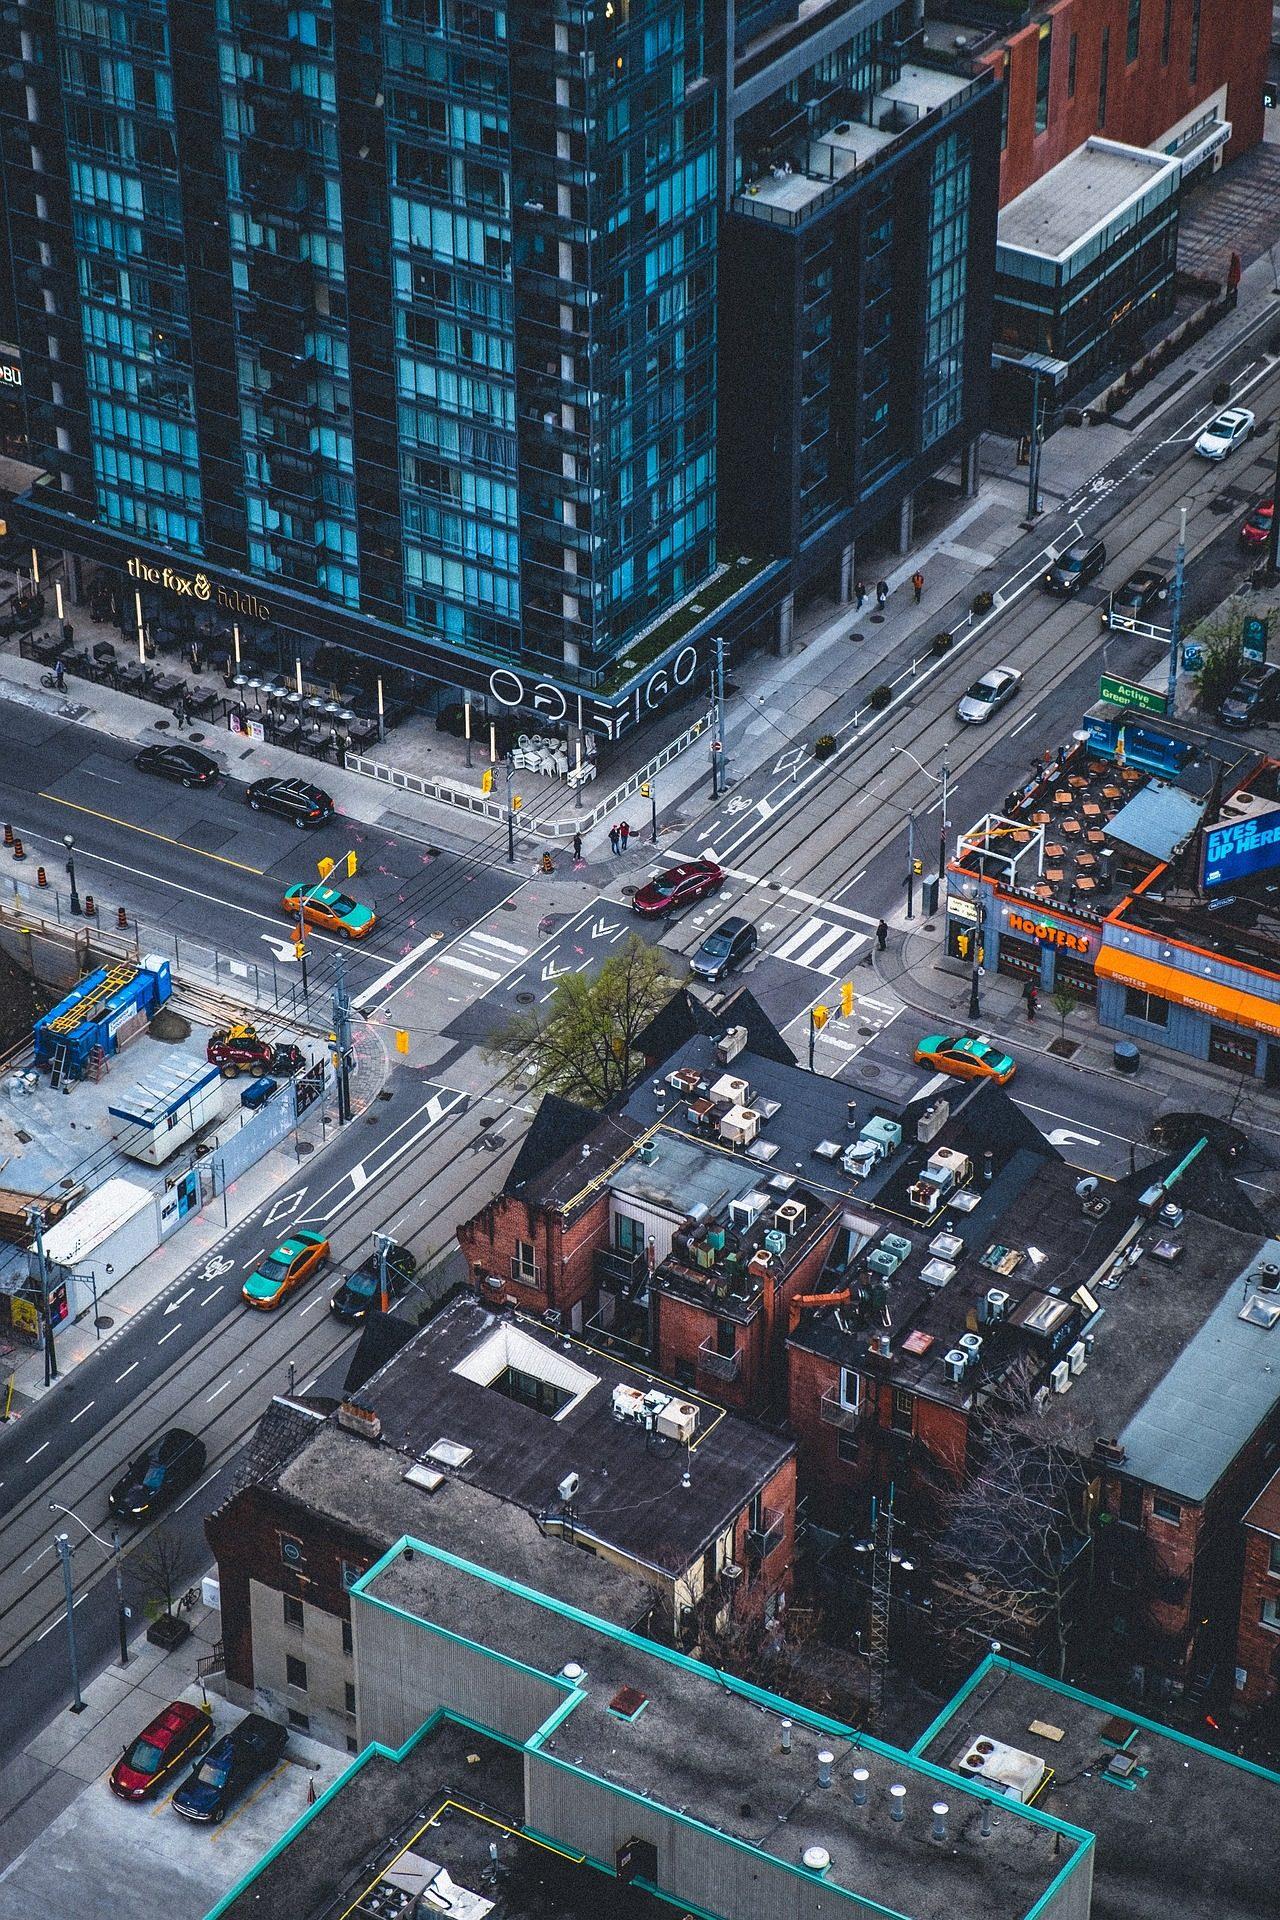 Cidade, arranha-céu, Carros, ruas, trânsito, travessia - Papéis de parede HD - Professor-falken.com